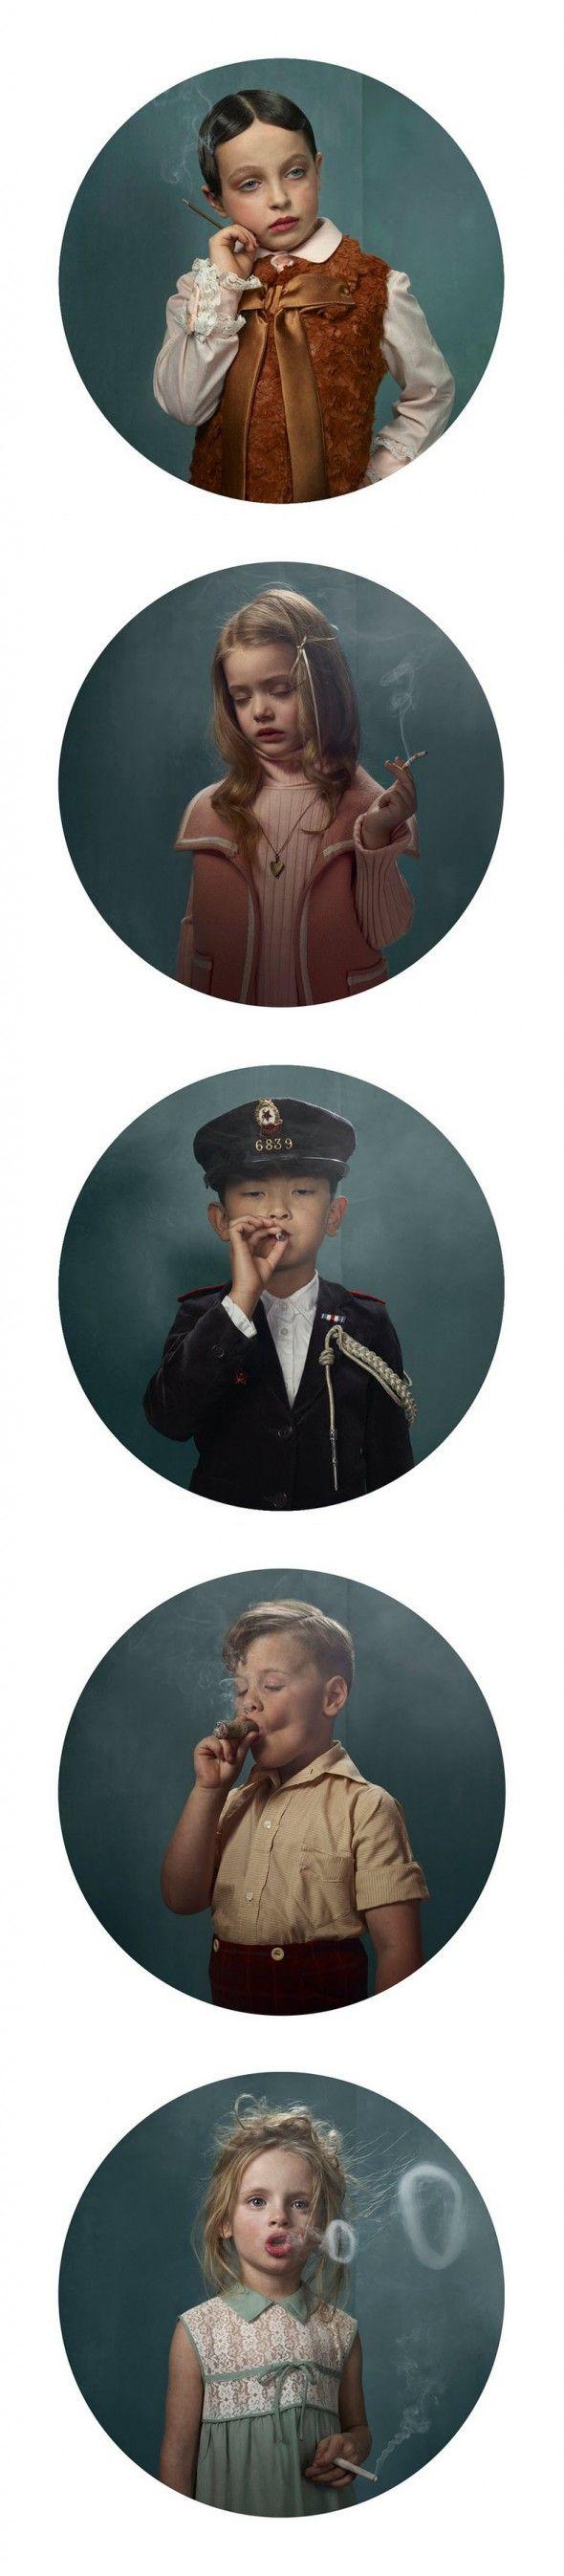 """La photographe bruxelloise Frieke Janssens a réalisée cette série de portraits intitulée  """"La beauté d'une horrible addiction"""" mettant en scène de jeunes enfants prenant des pauses de fumeurs adult..."""